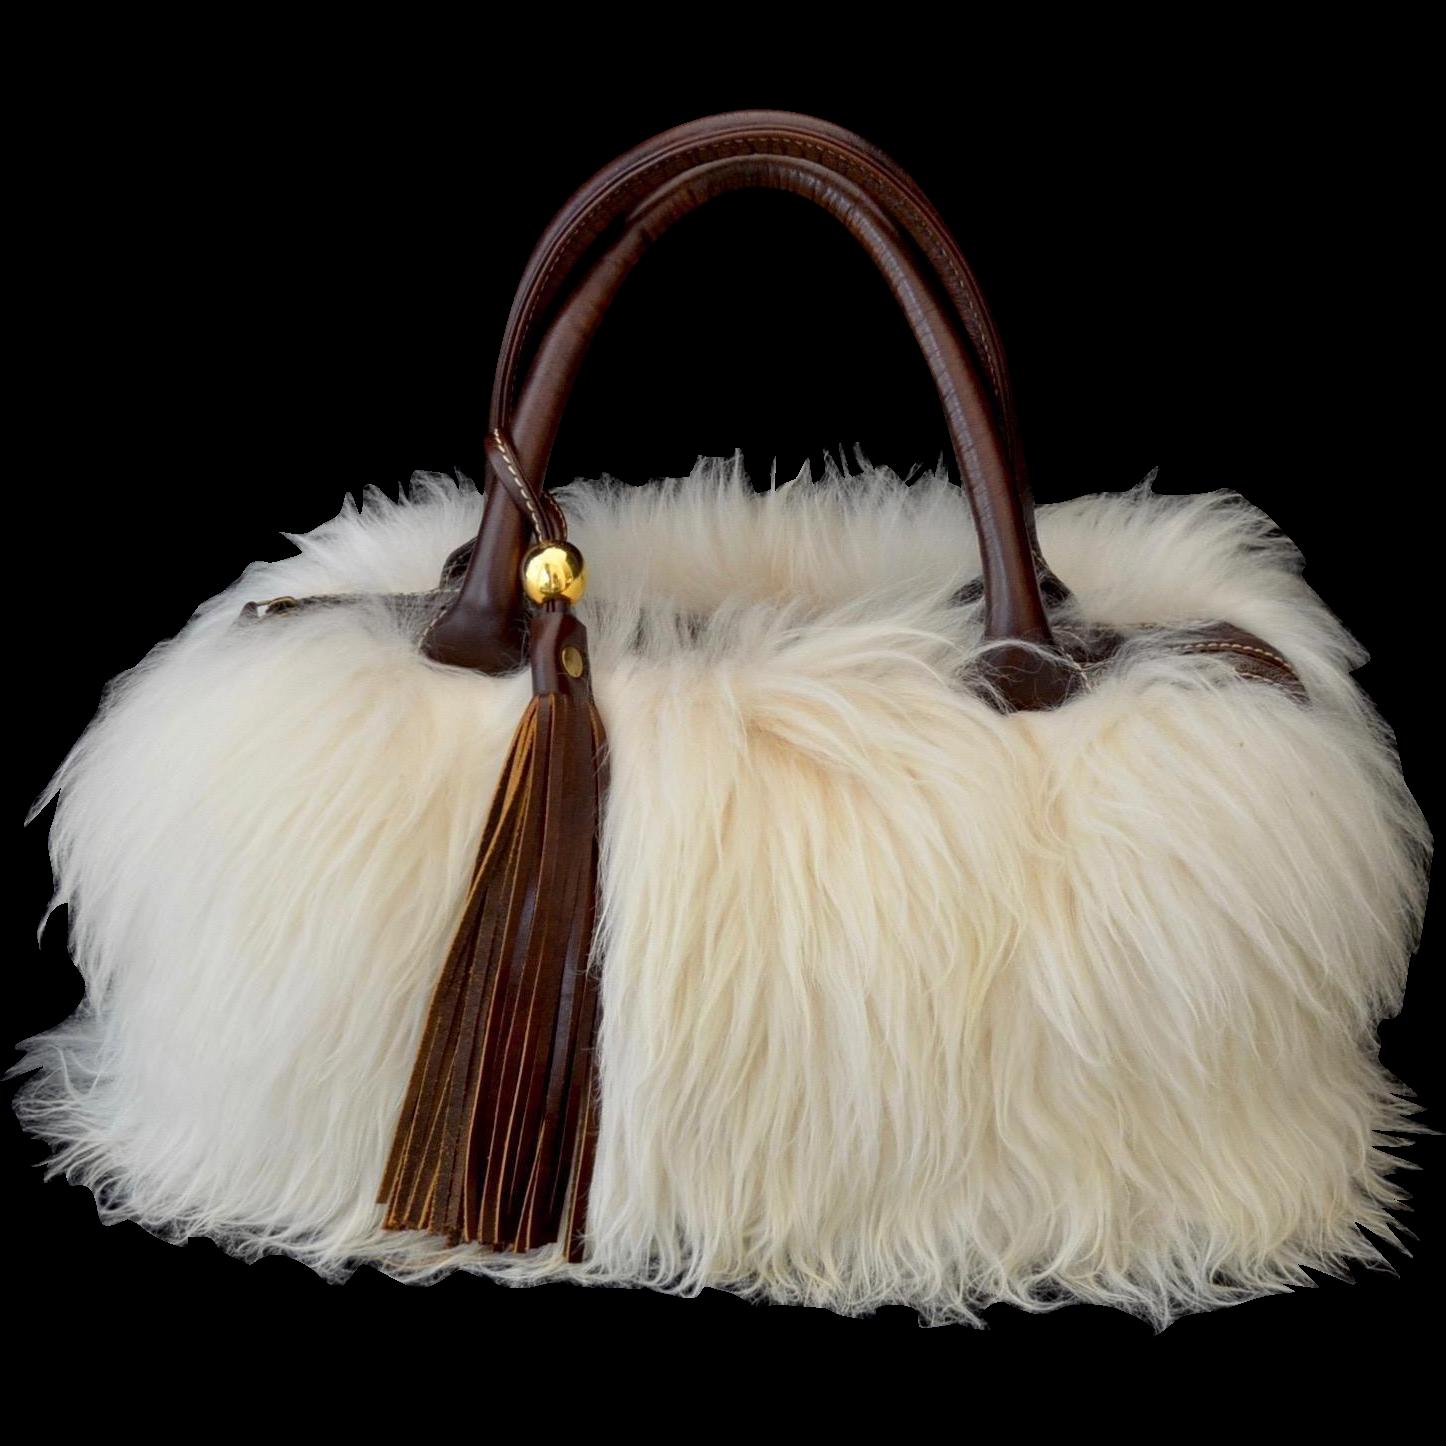 Peruvian Natural Alpaca Fur Brown Leather Tote Handbag